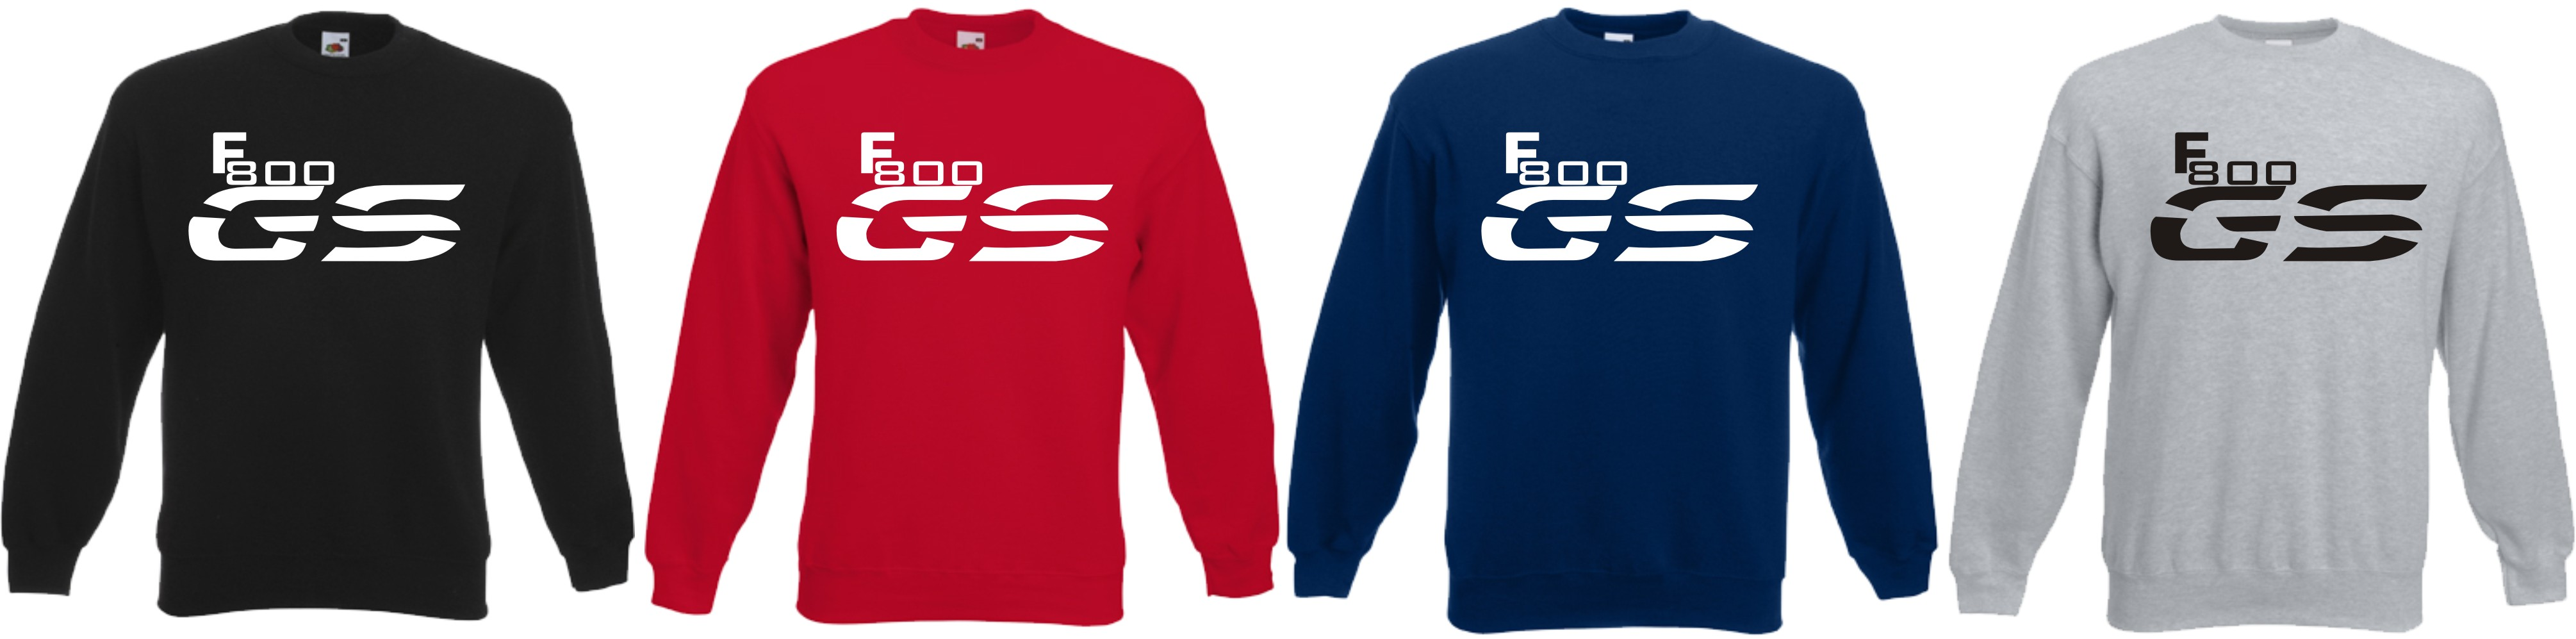 GS_800_Sweater_alle_farben.jpg